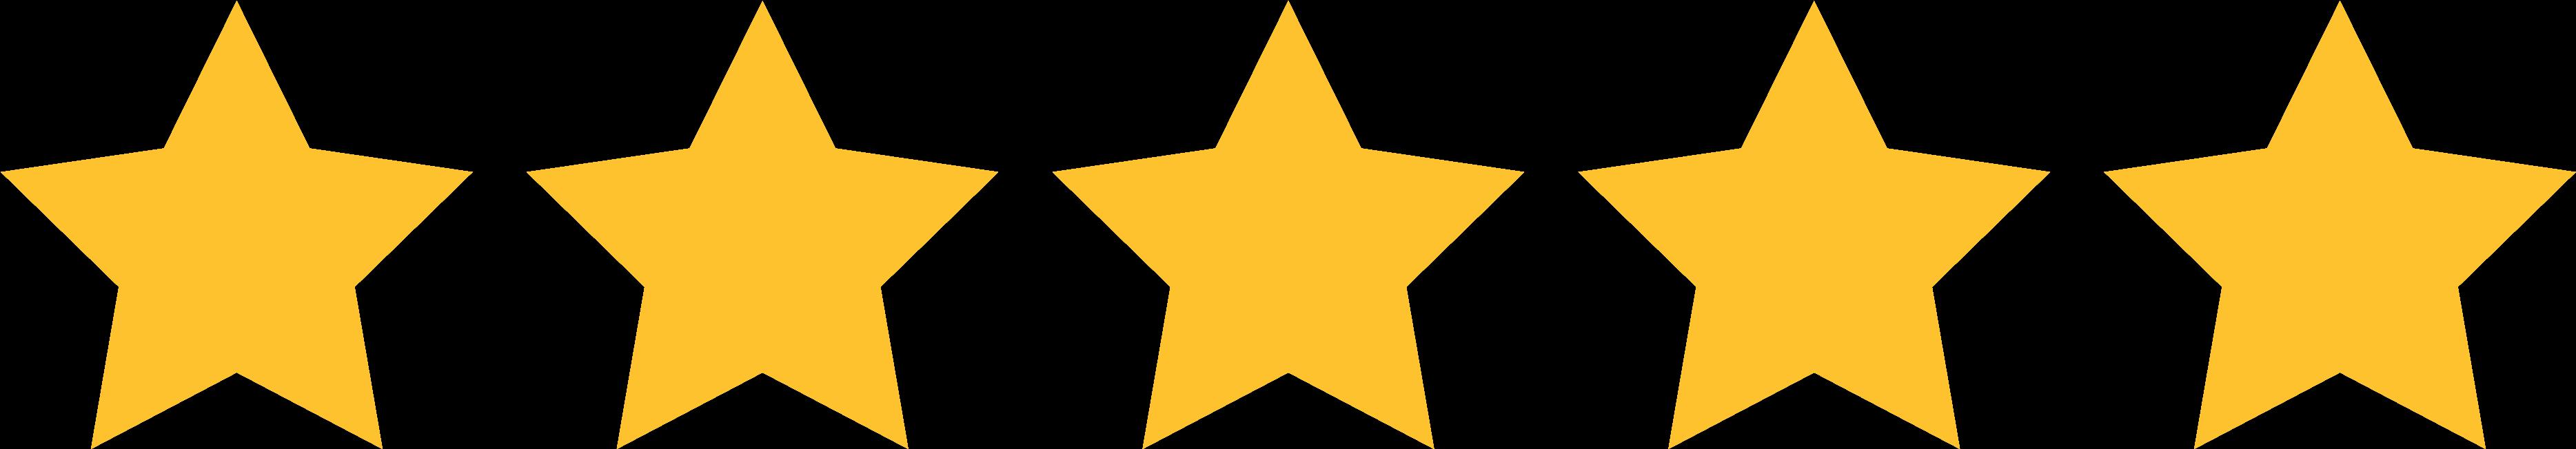 5 star reviews | Peace Power Utilities